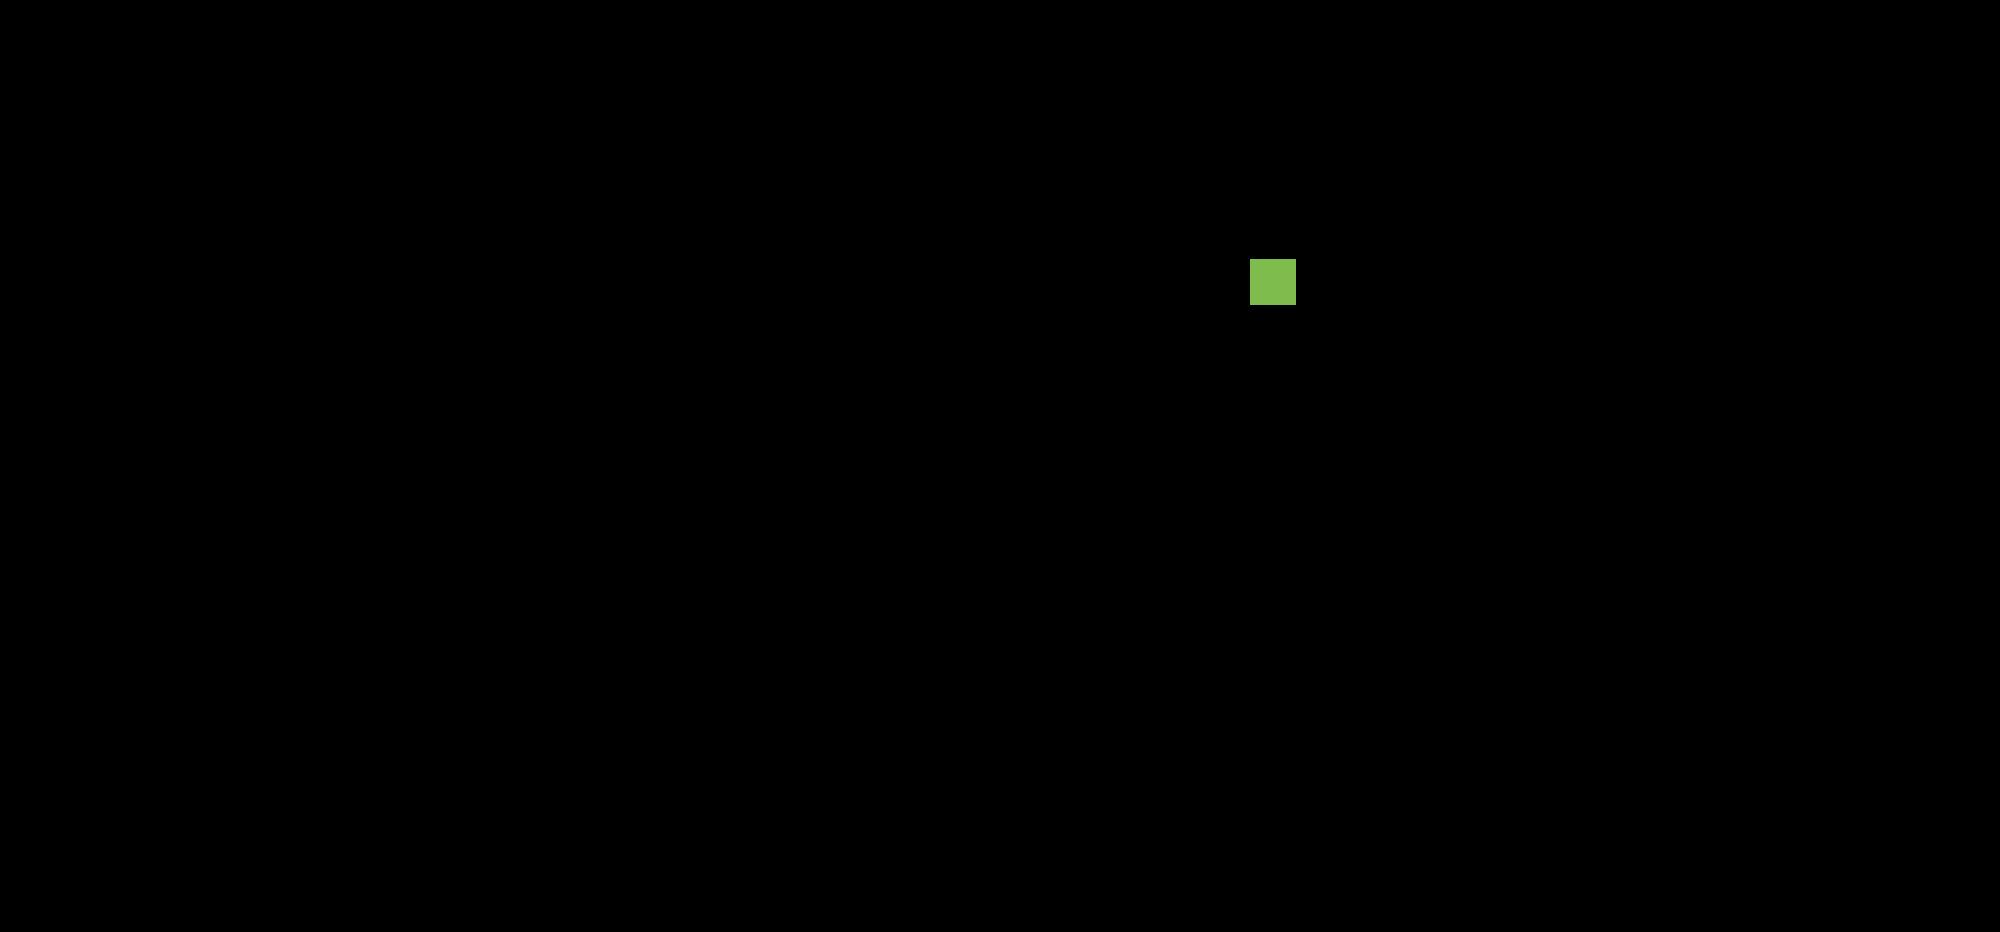 360VIER Marken- & Digitalagentur Logo